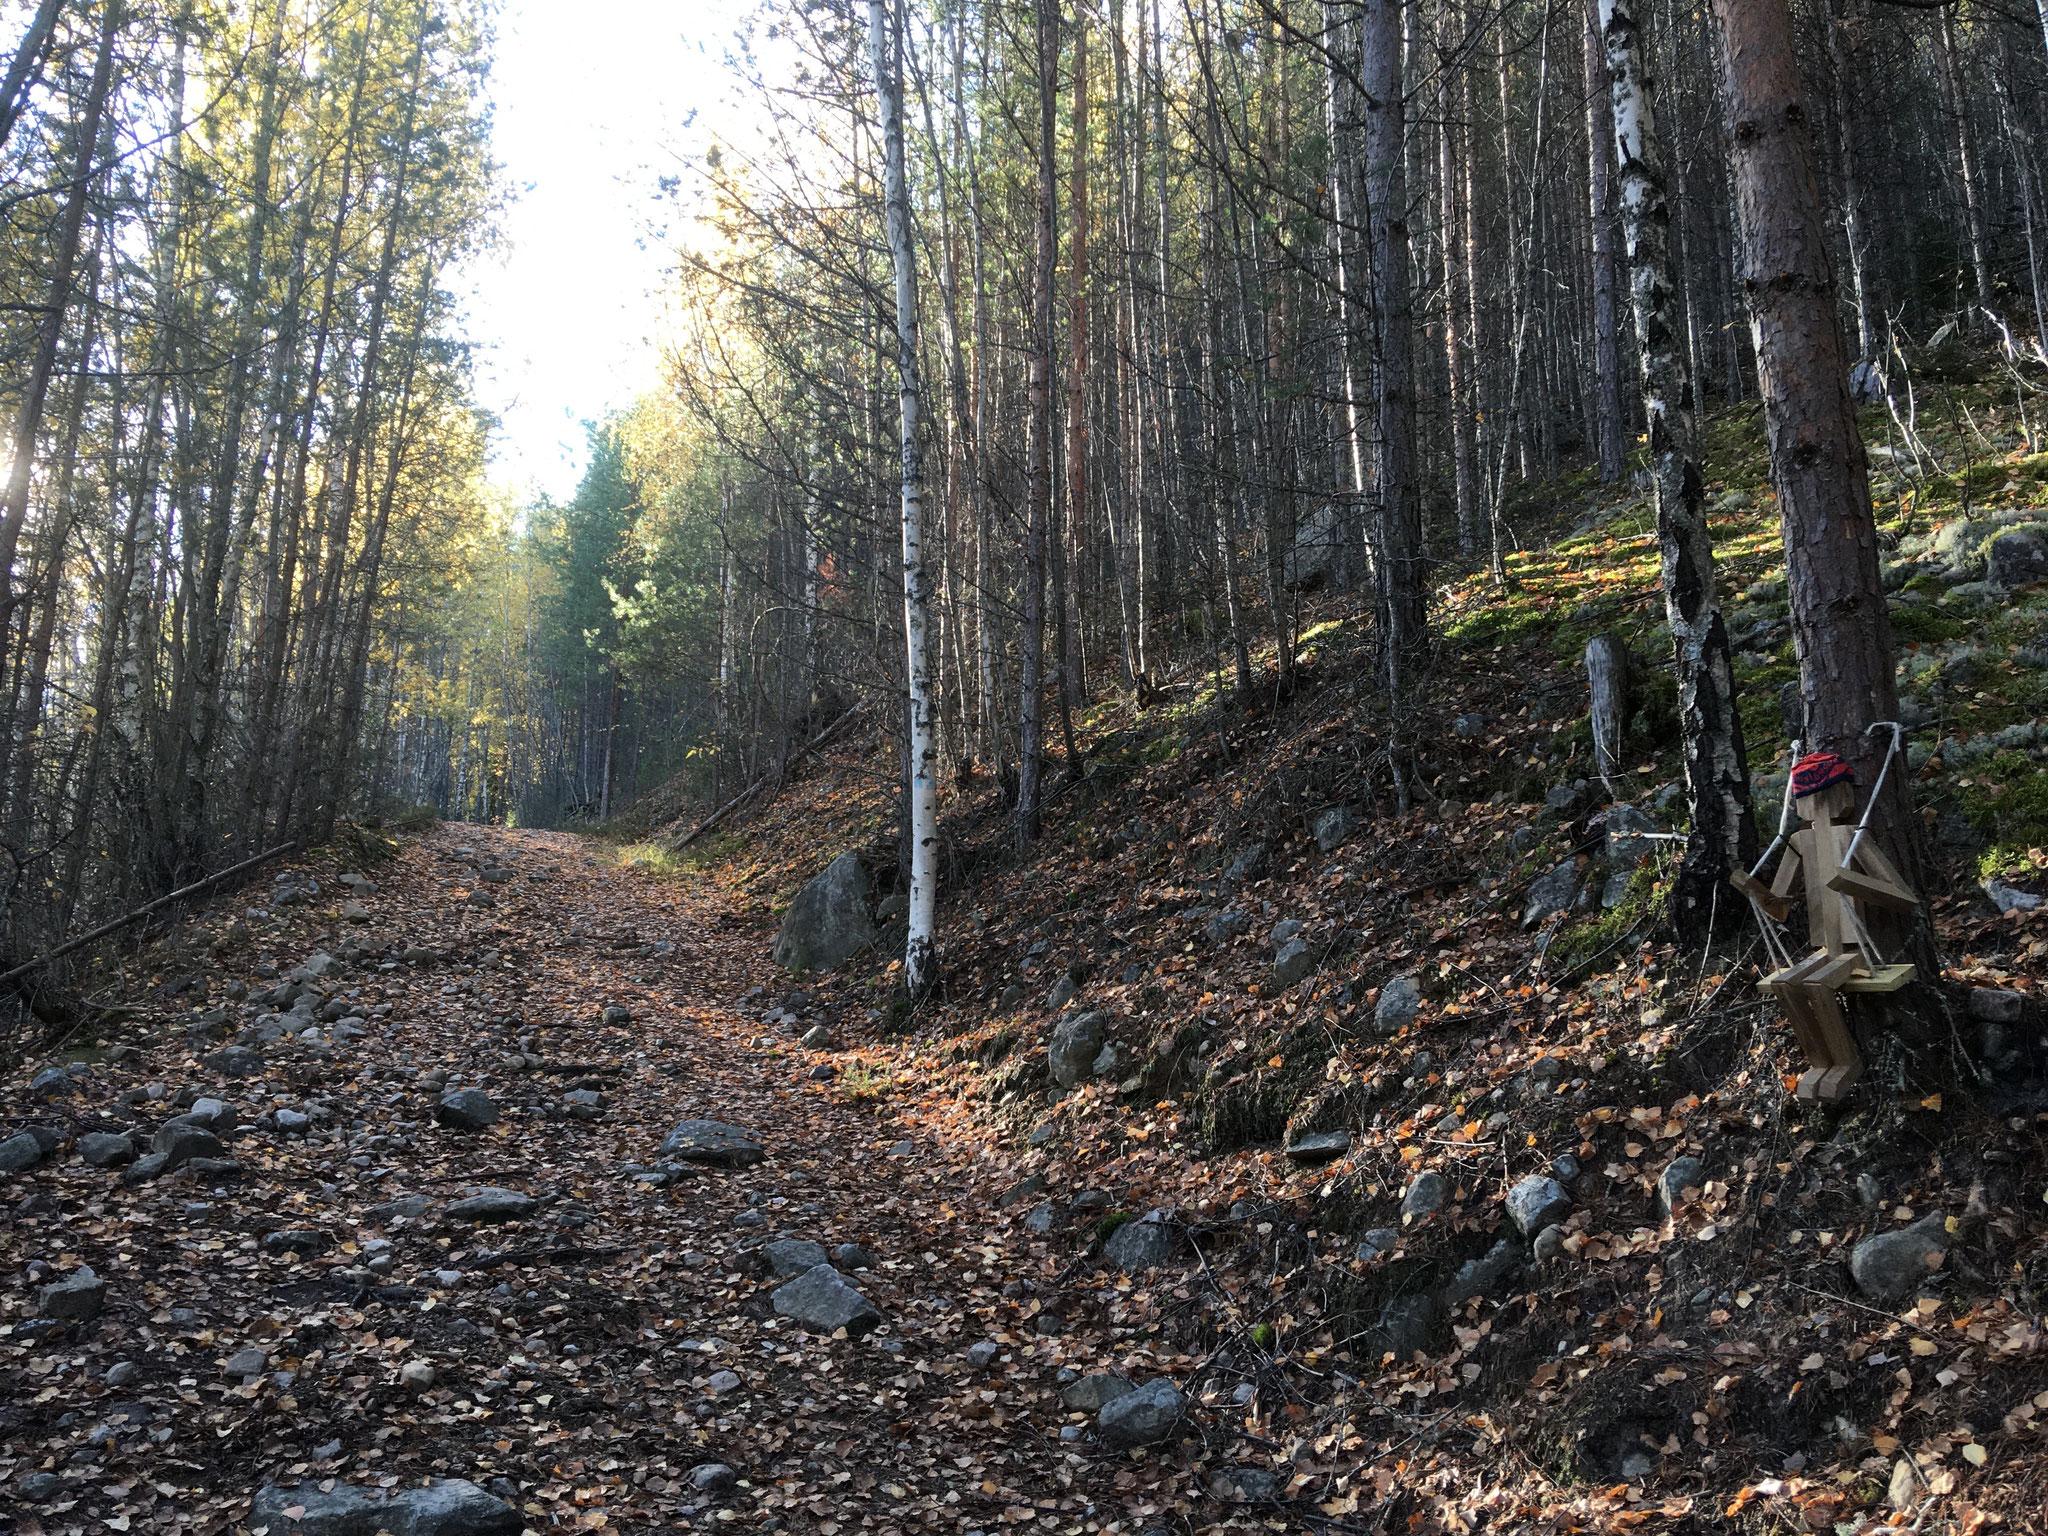 Forst path downwards to Sandviken campsite